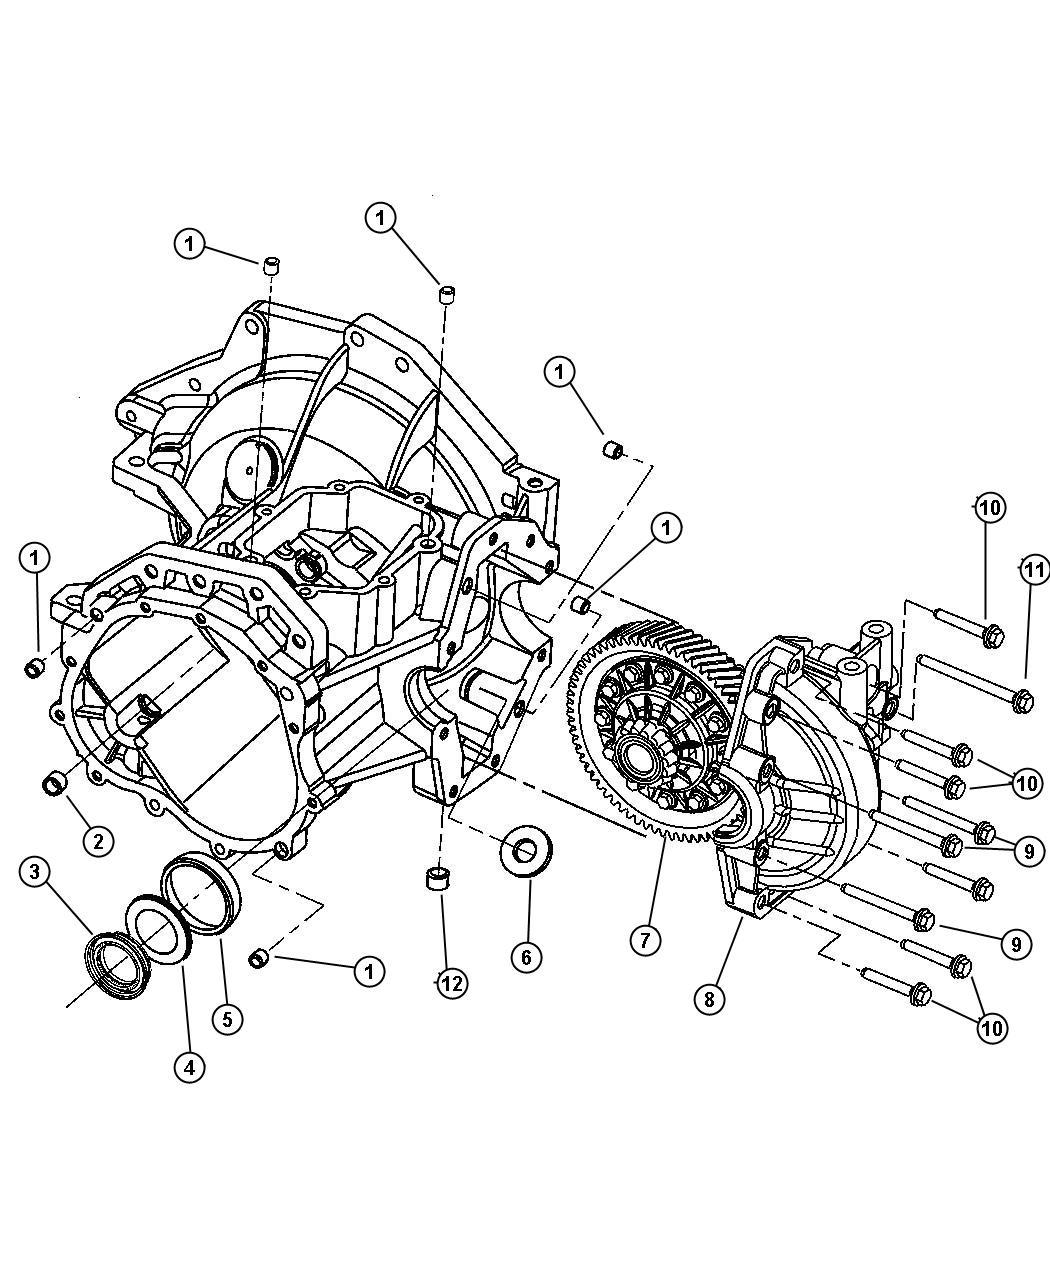 Chrysler Sebring 2 7l V6 Dohc 24 Valve Mpi 5 Speed